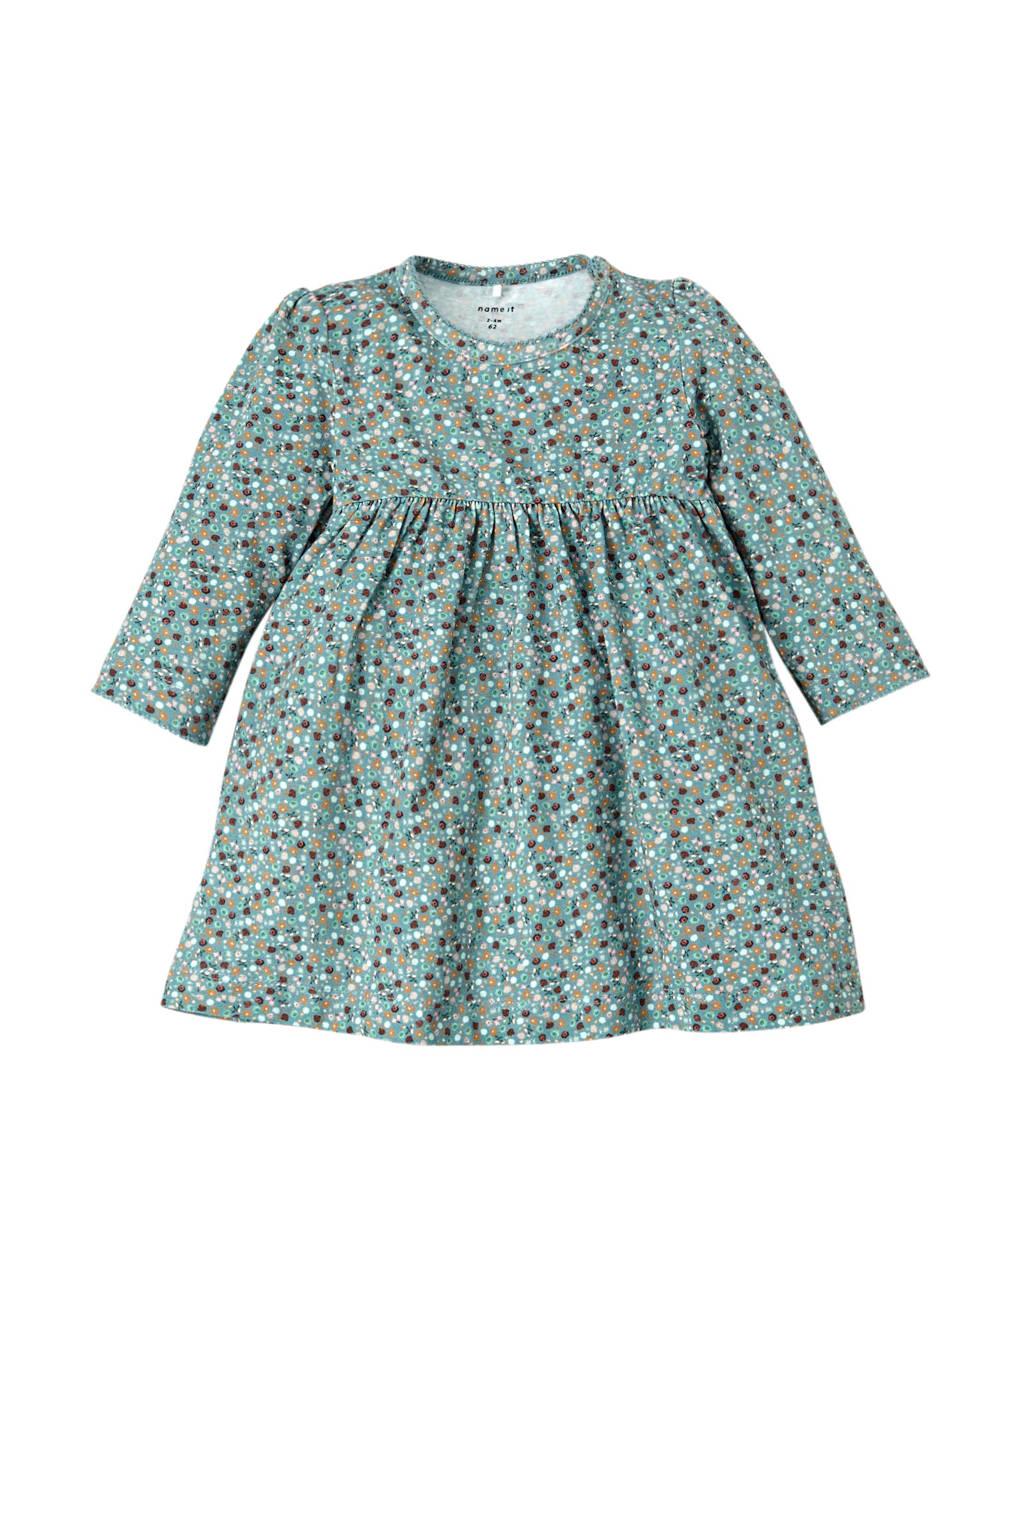 NAME IT BABY jurk Otilia met biologisch katoen mintgroen, Mintgroen